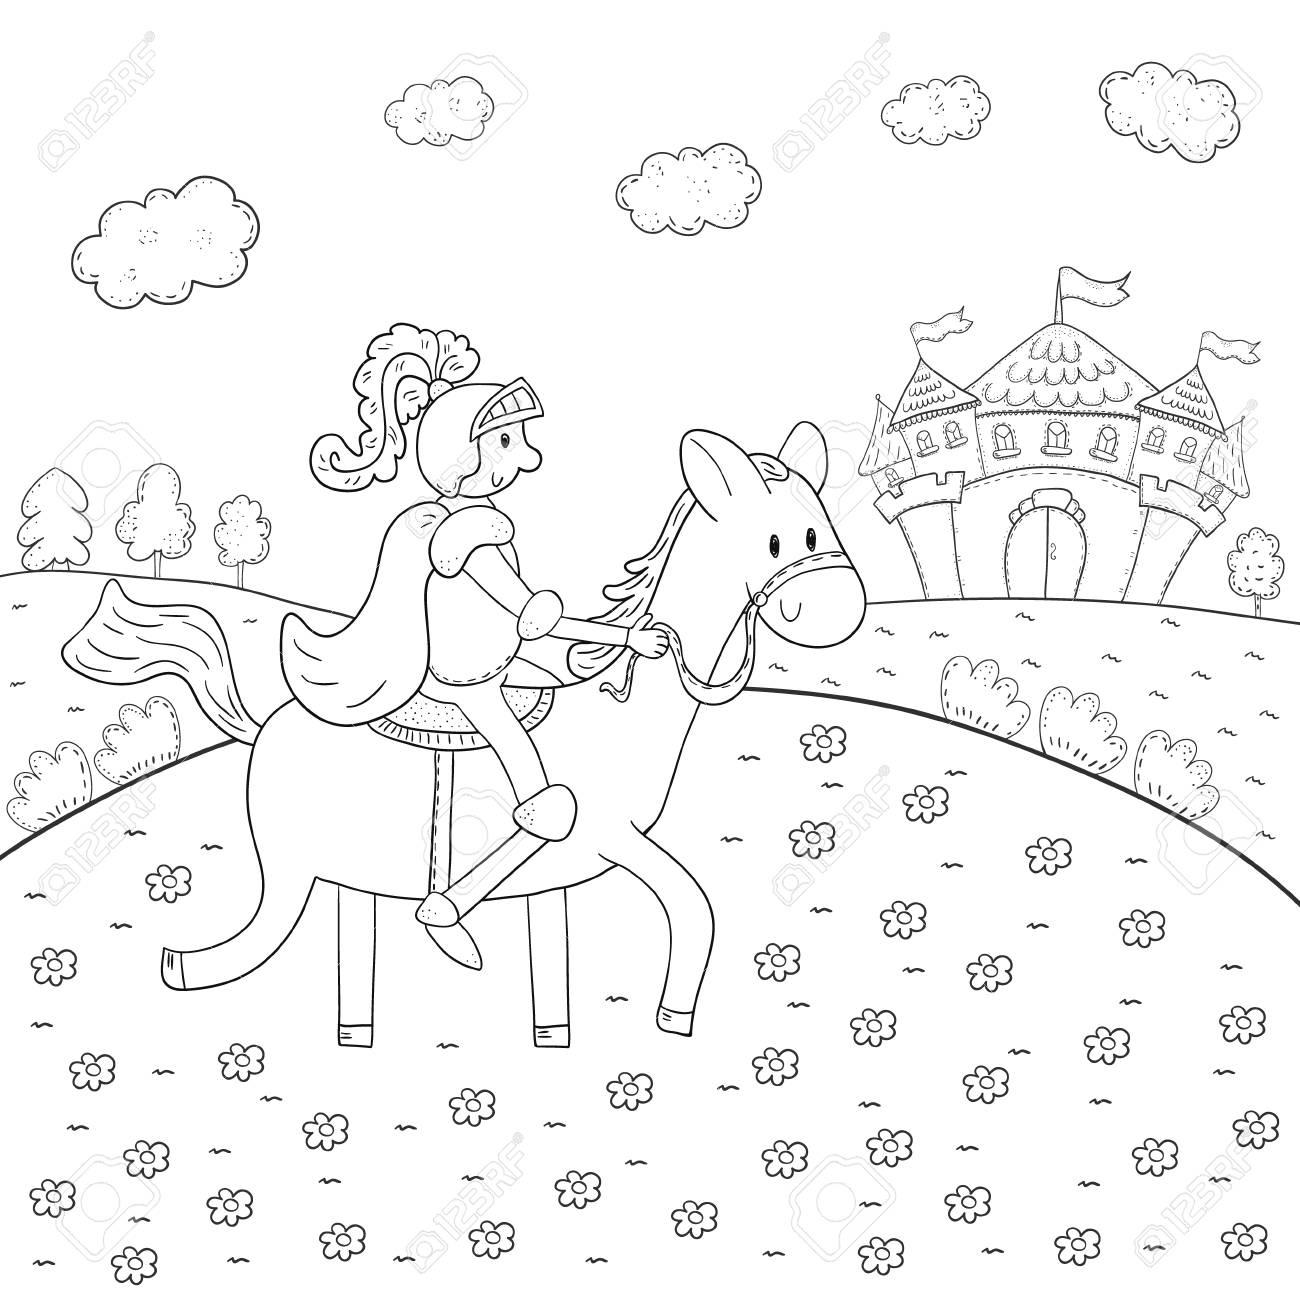 Coloriage Chateau Cheval.Livre A Colorier Chevalier A Cheval Et Conception De Chateau Magique